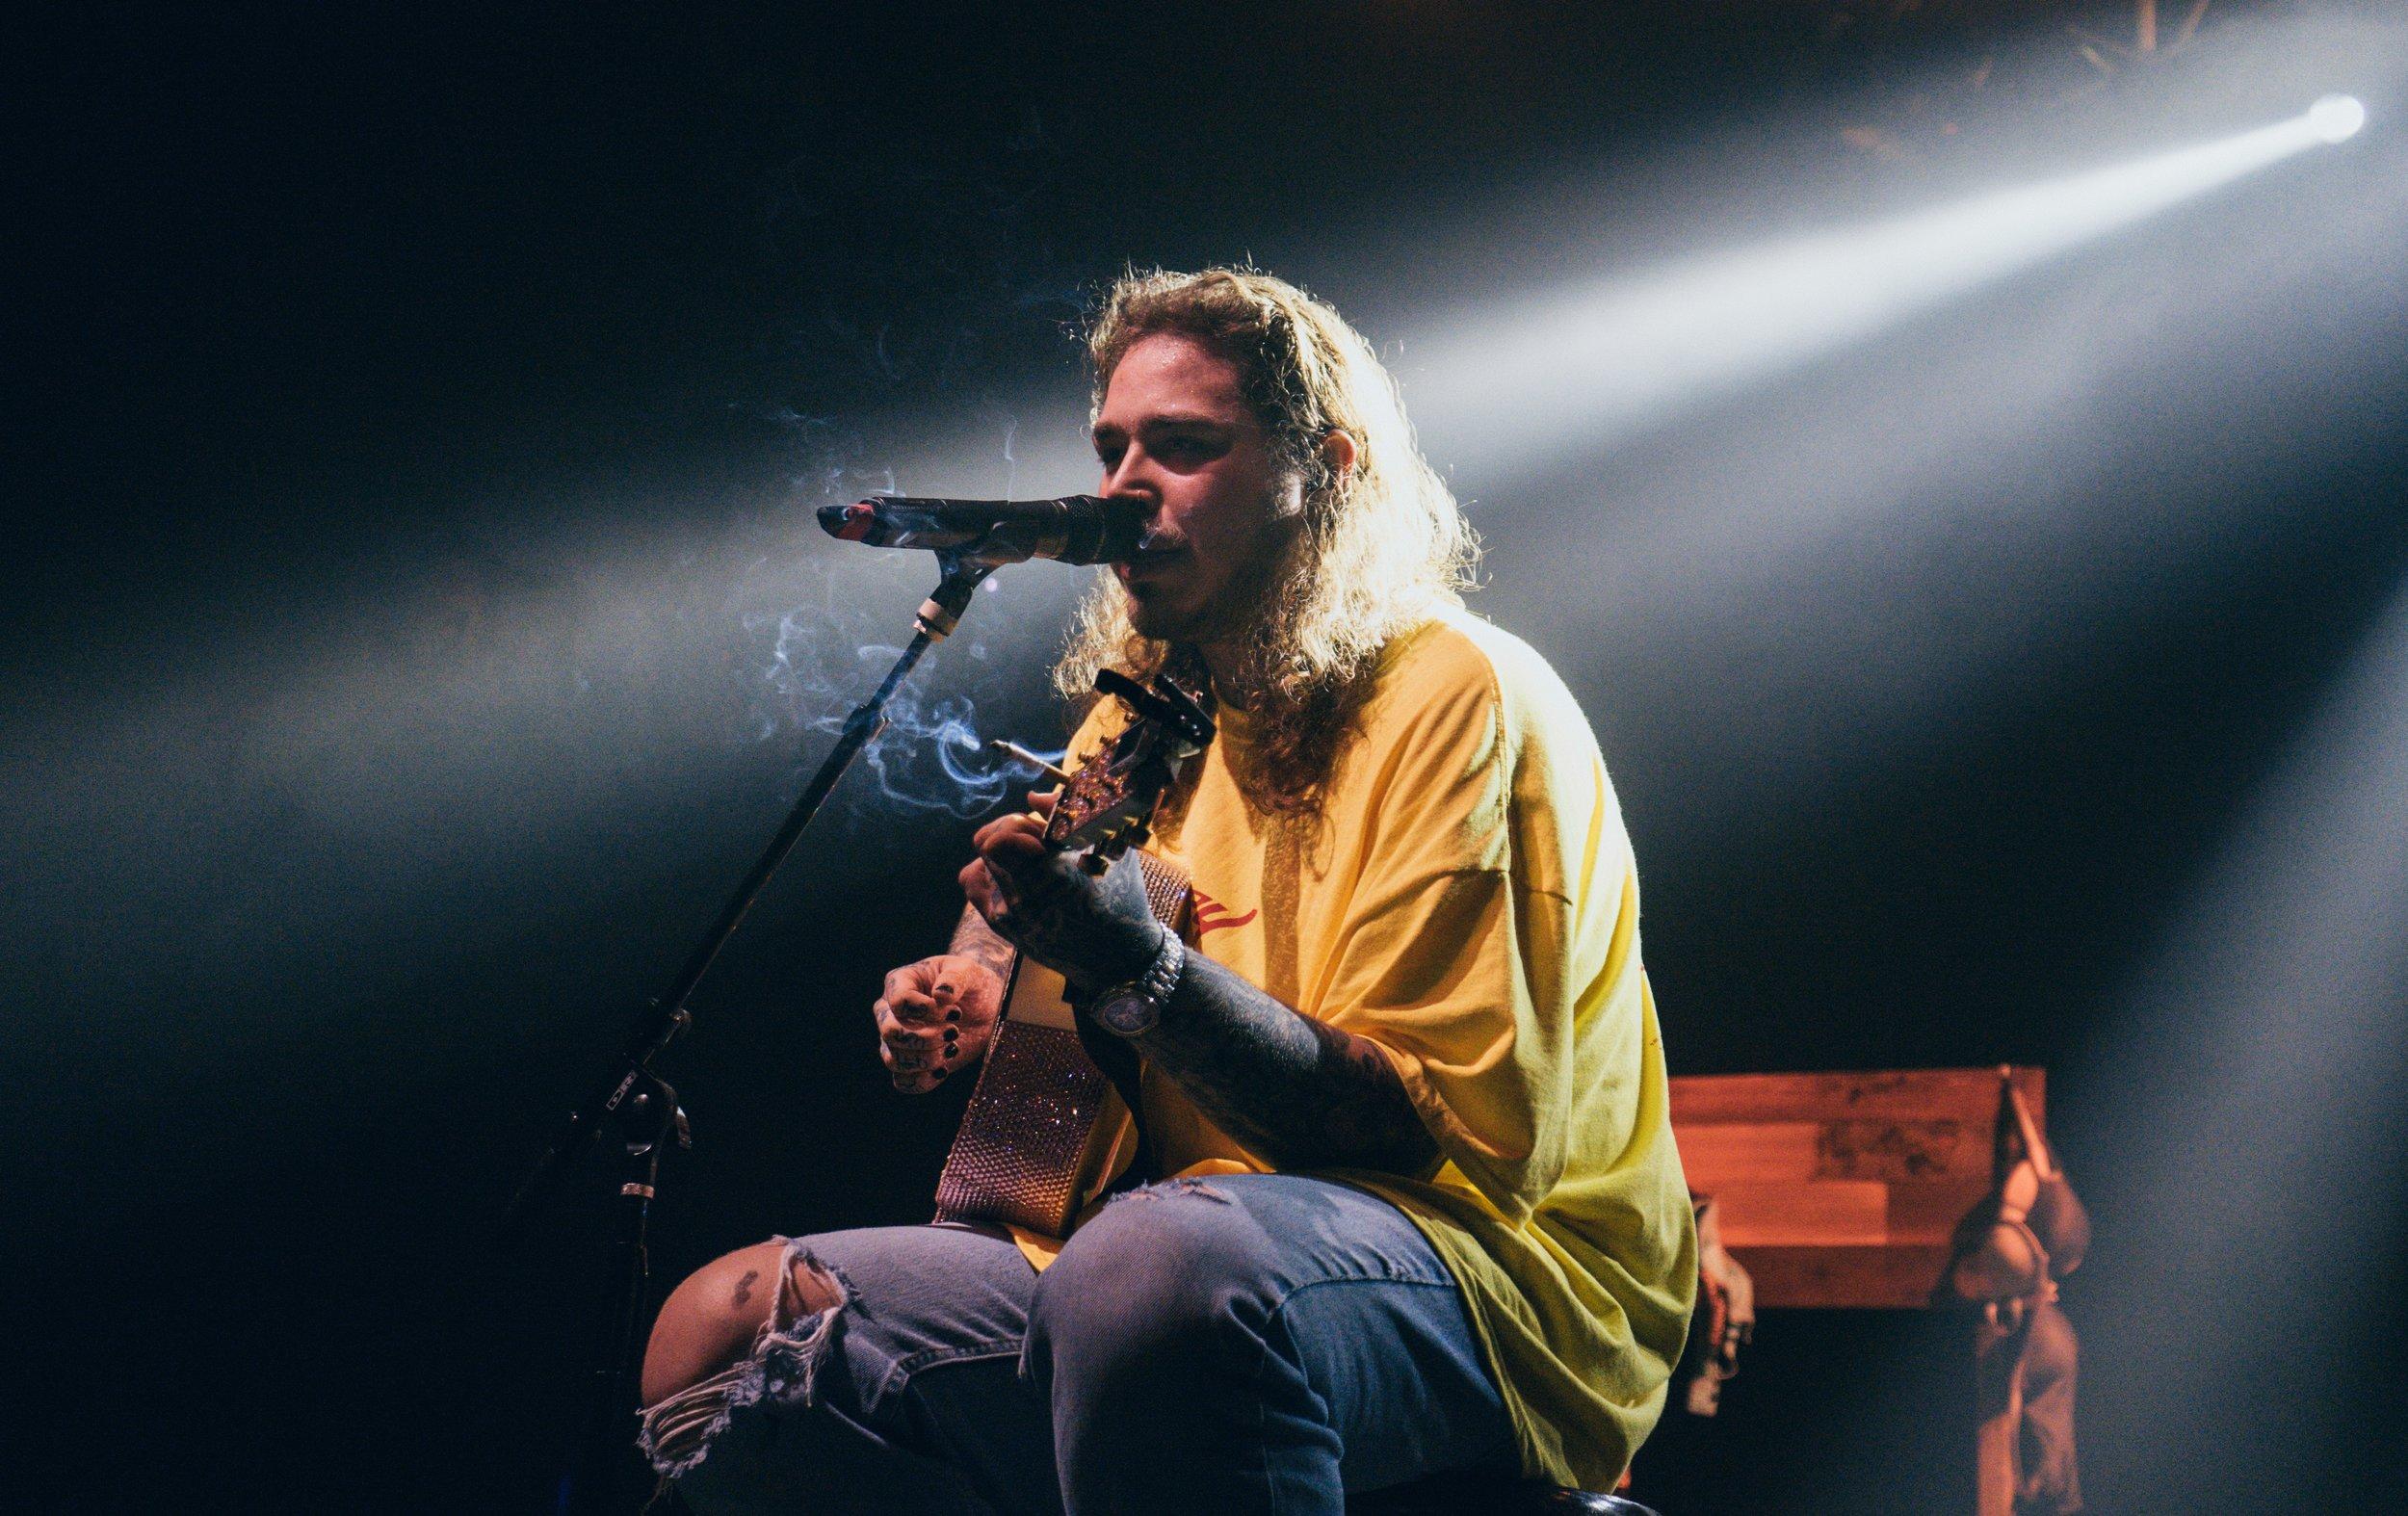 Post Malone (Stoney Tour, 2017)